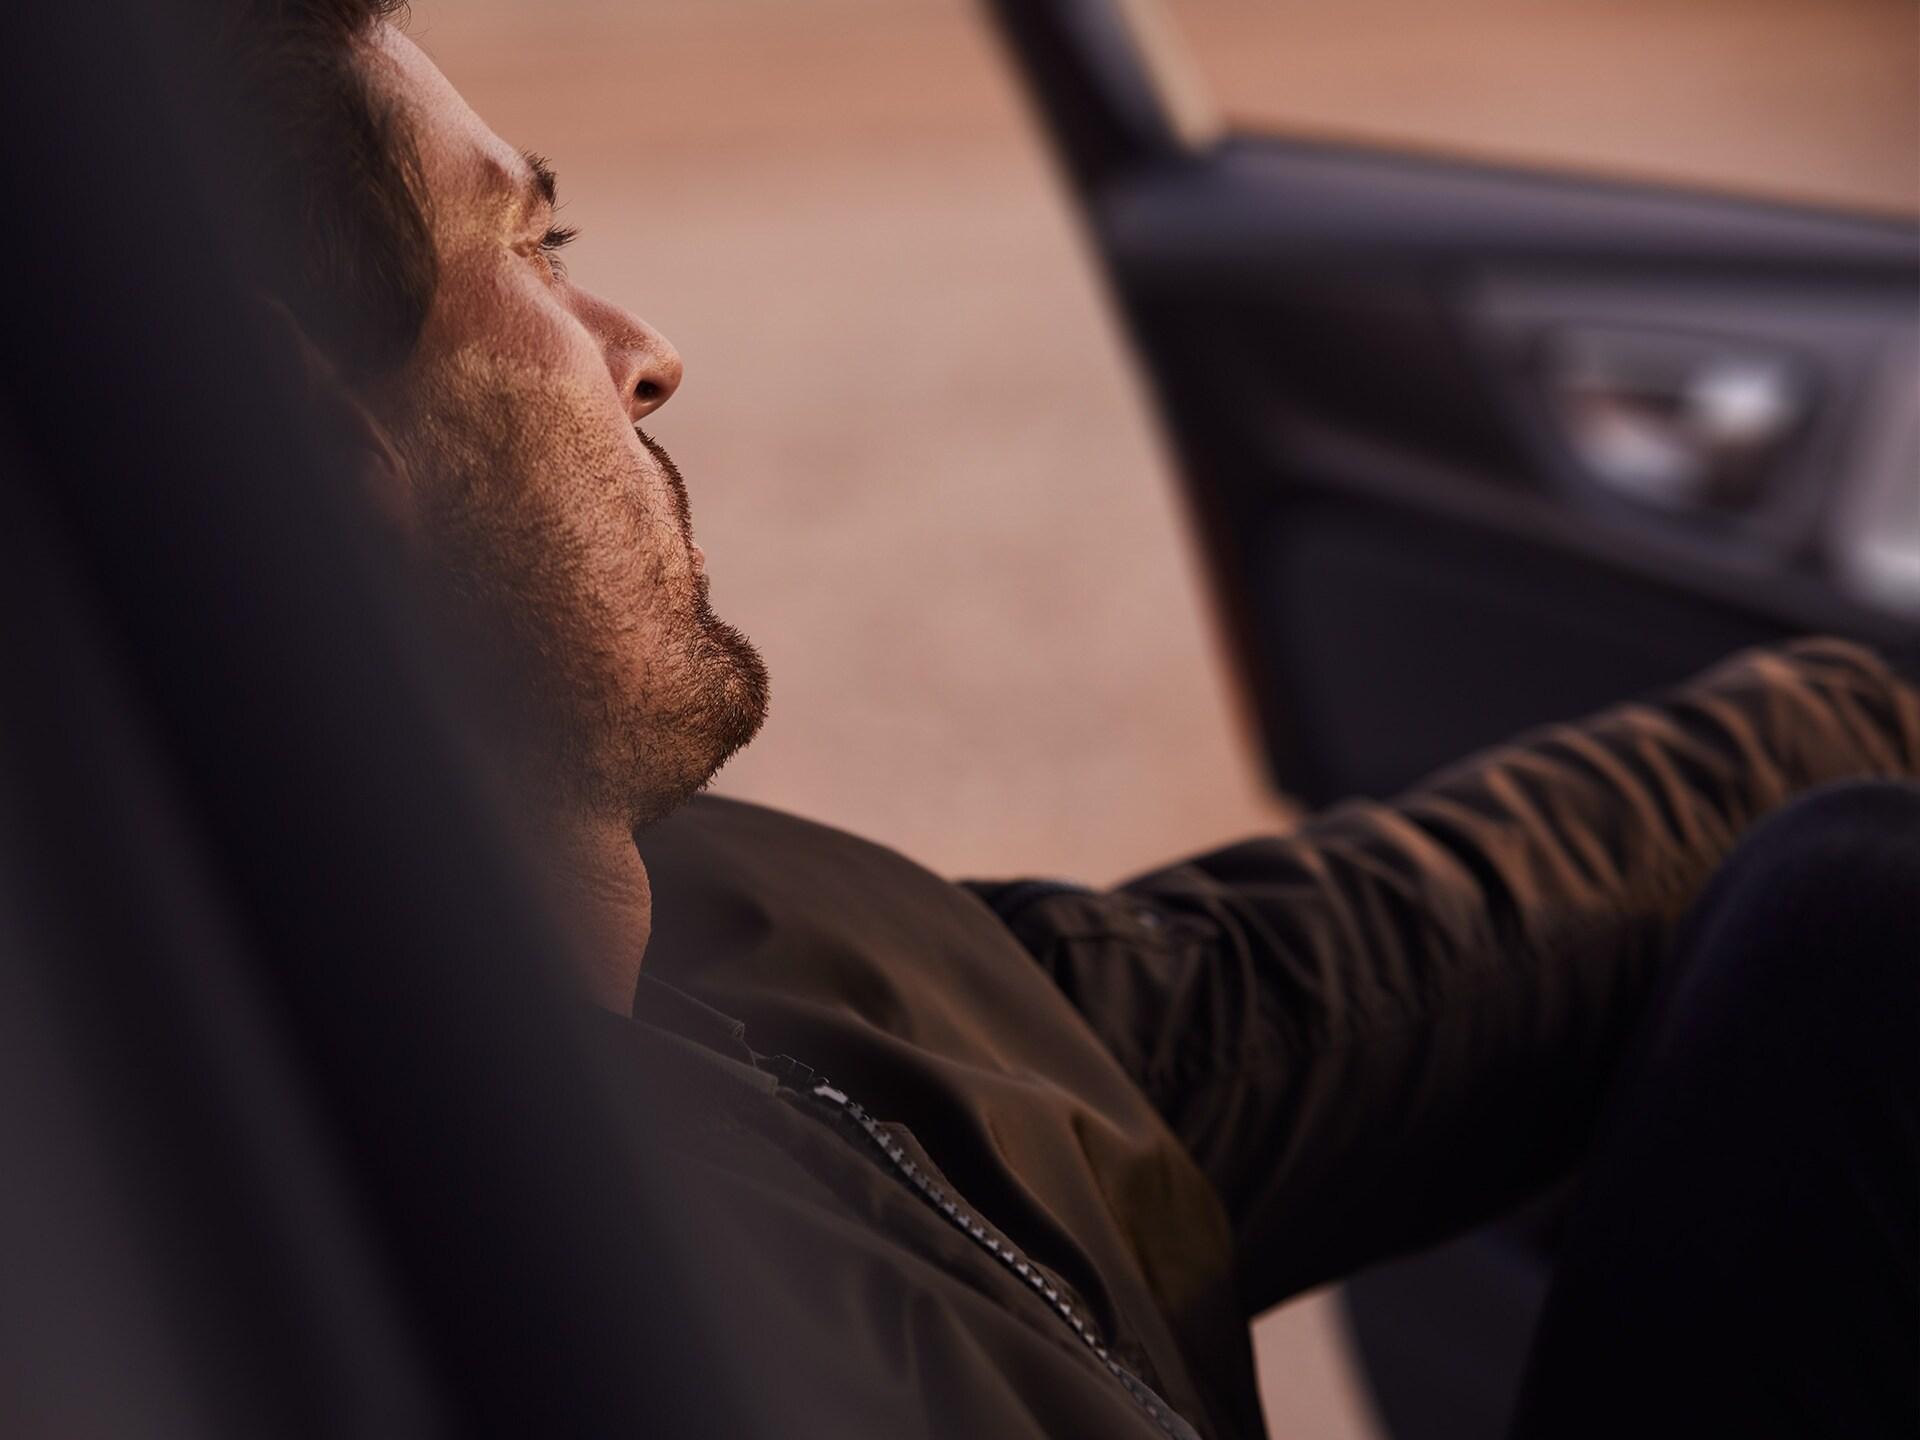 En man sitter i sin bil med dörren öppen och tittar ut